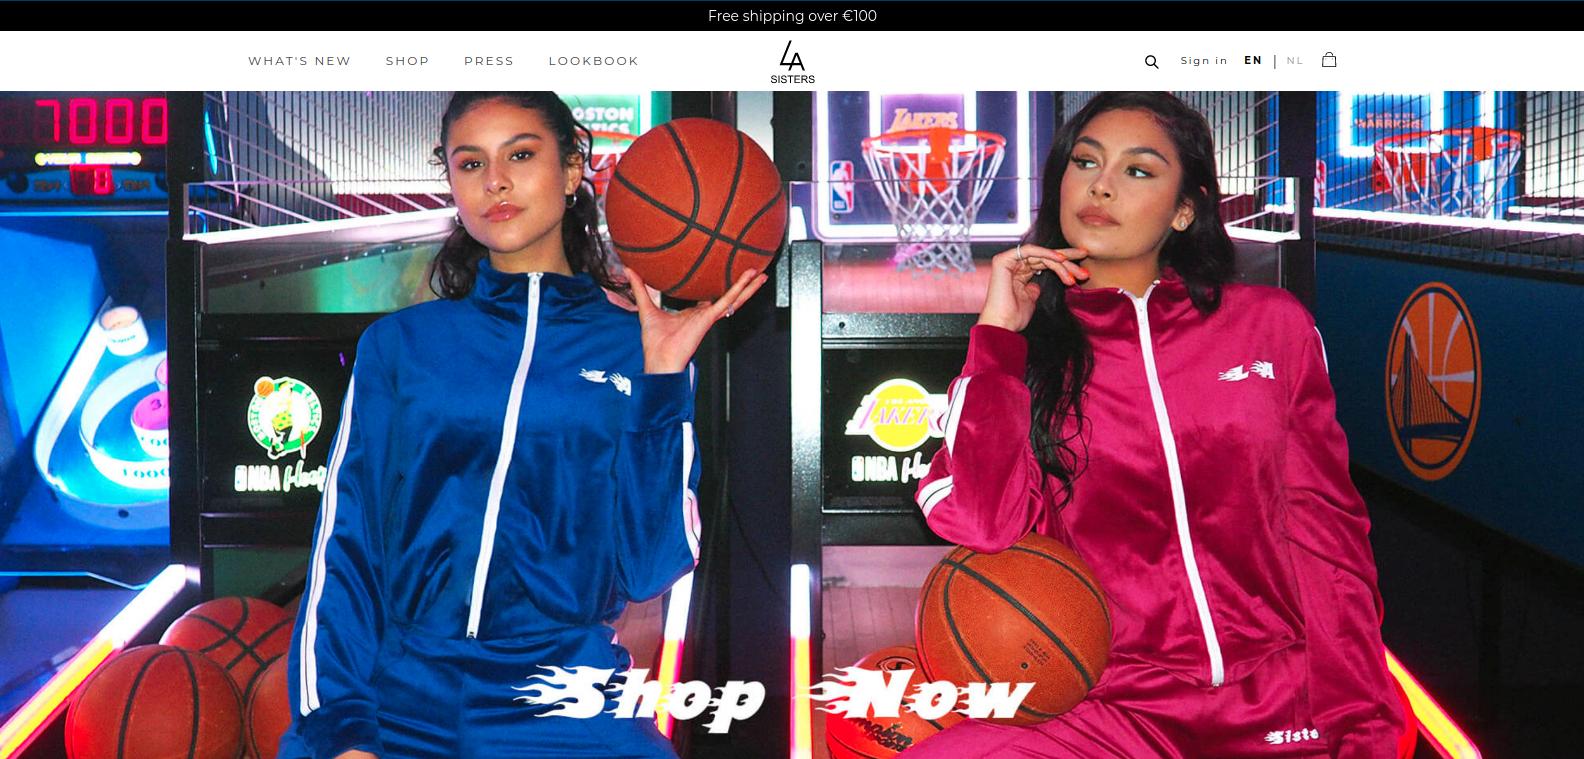 LASister Homepage